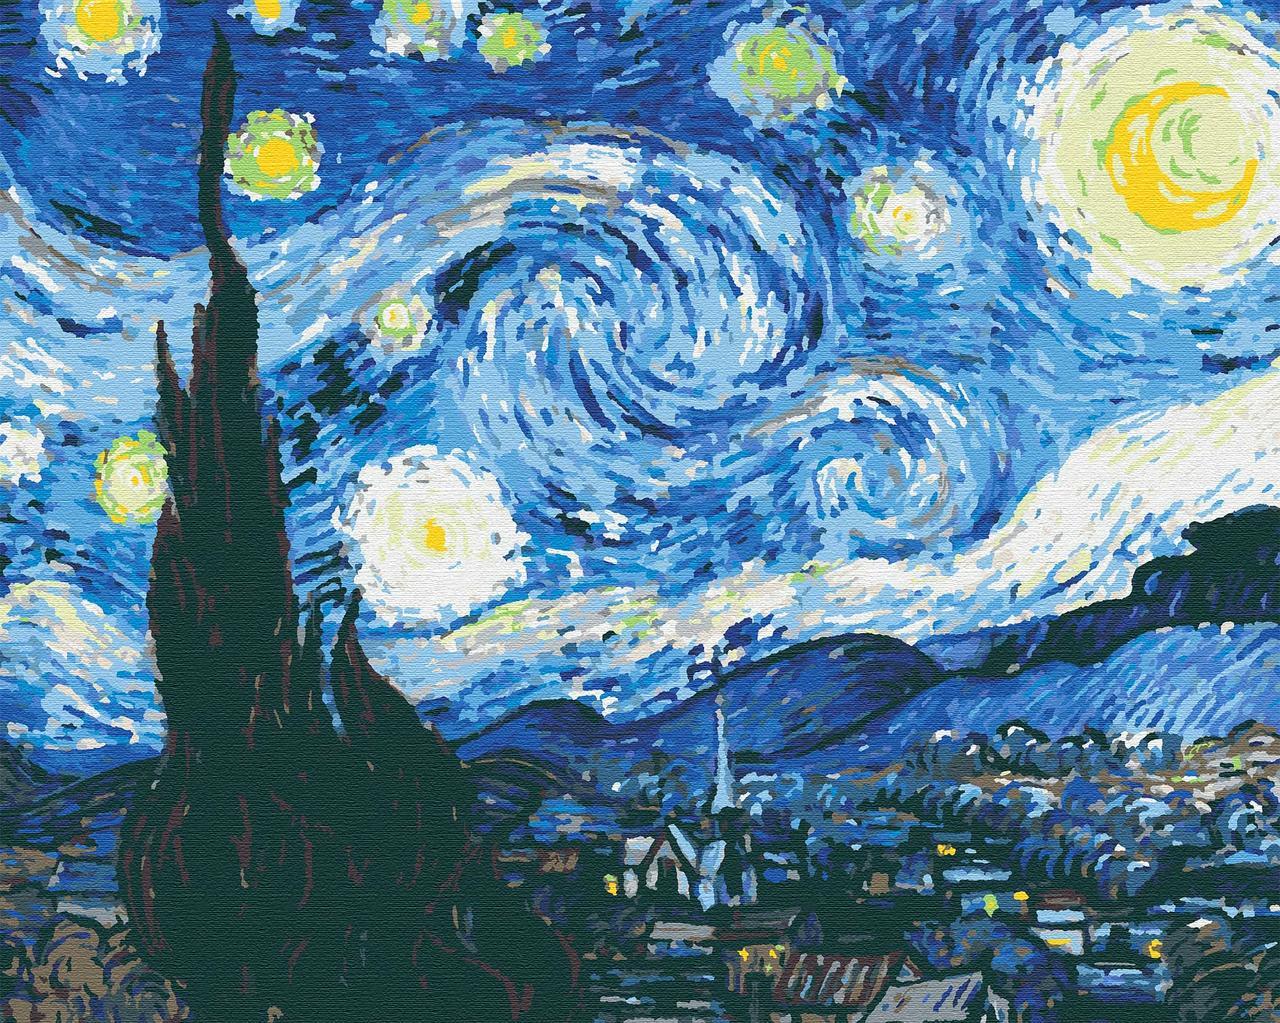 Картина по номерам Звездная ночь,Ван Гог, 40*50 см, без коробки RB